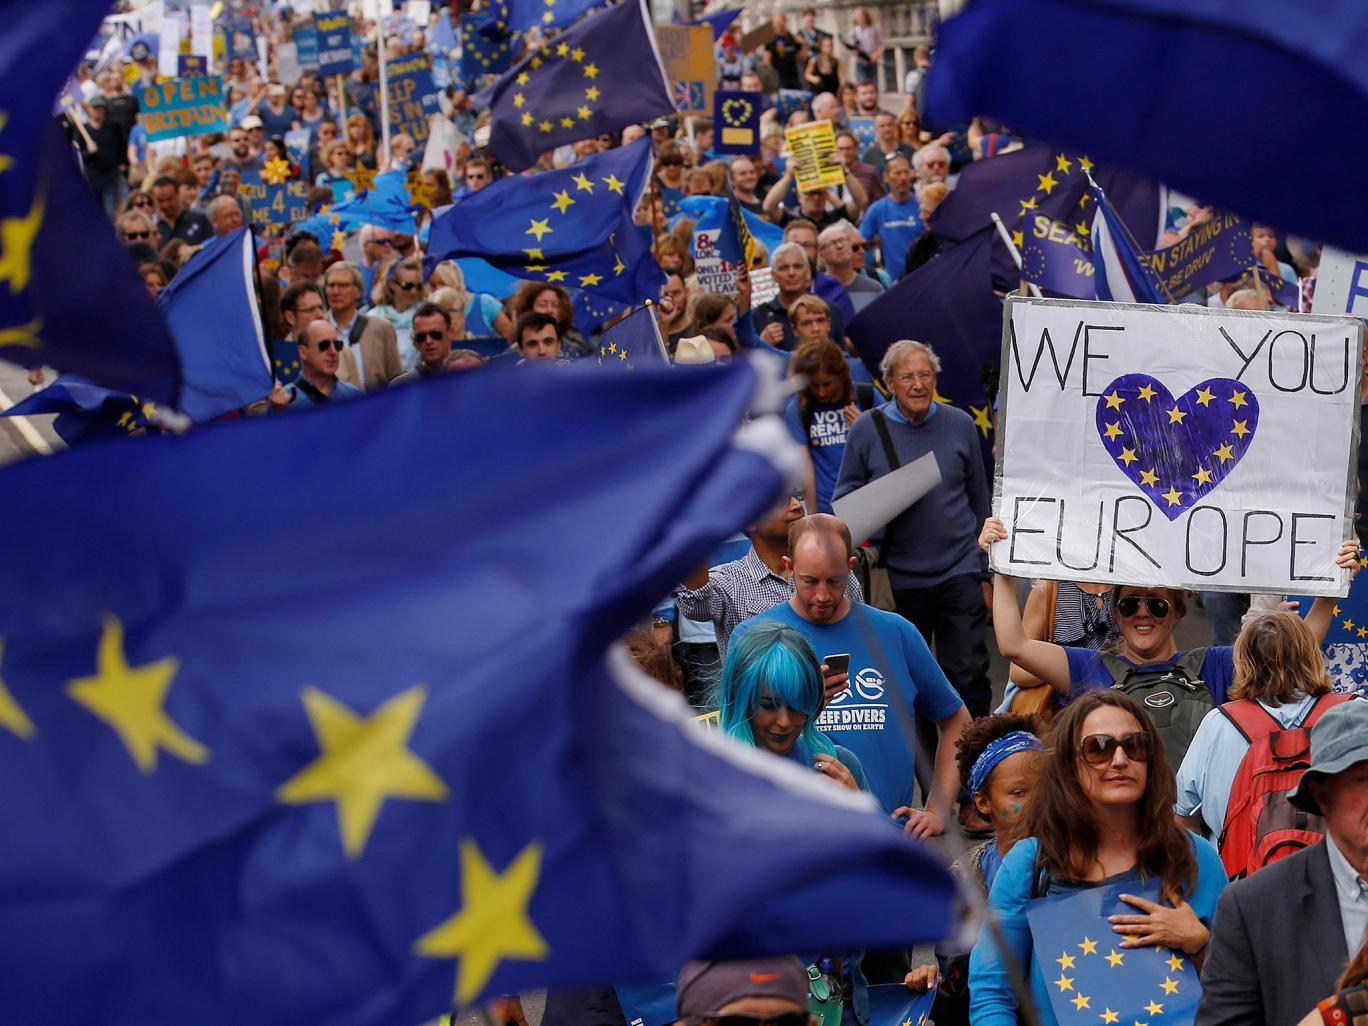 29 درصد مخالفان برکسیت خواهان خروج اتباع کشورهای اتحادیه اروپا از انگلیس هستند